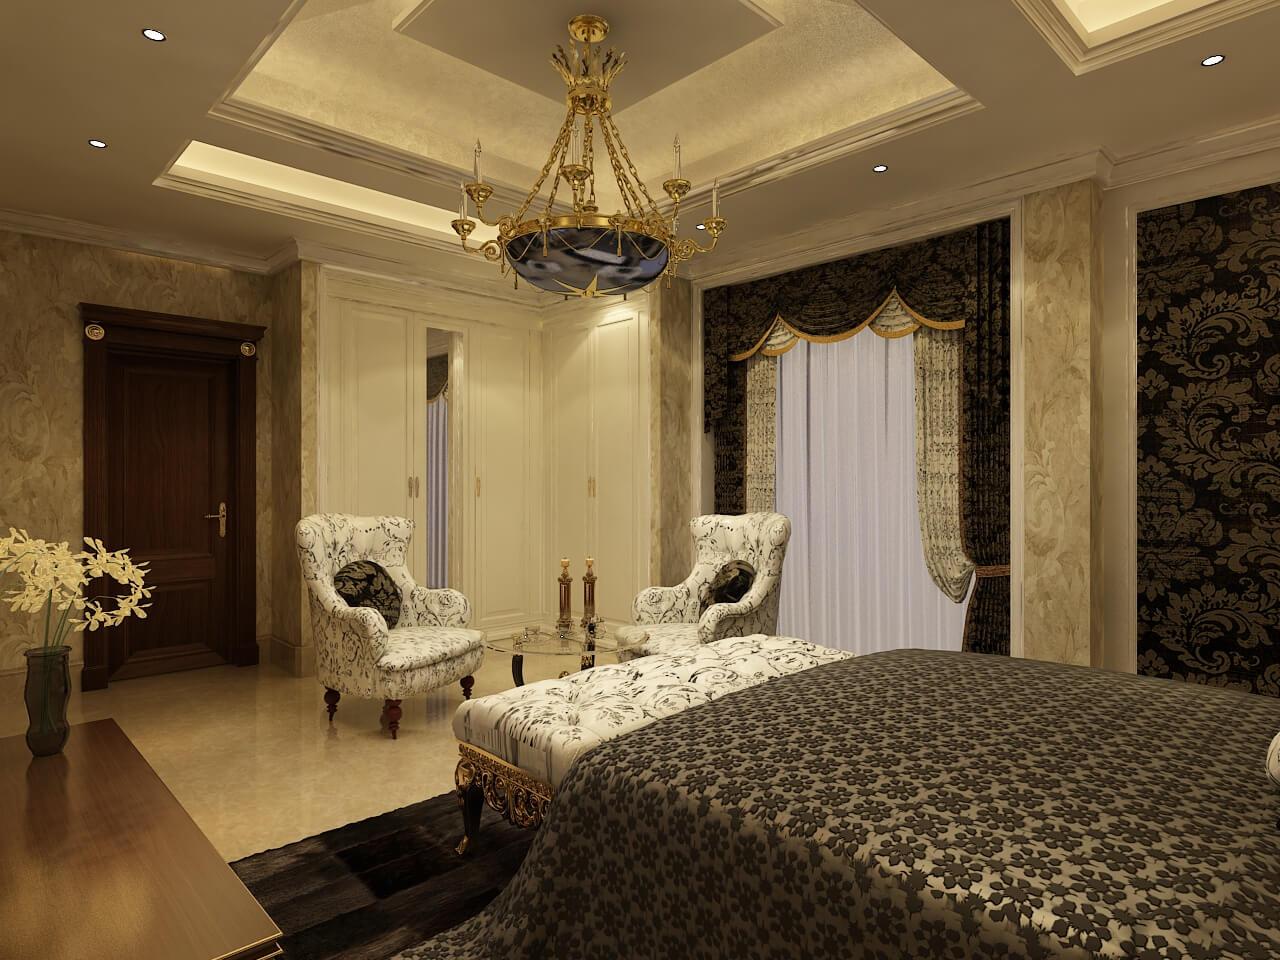 Private Villa, Emirates Hills - 23